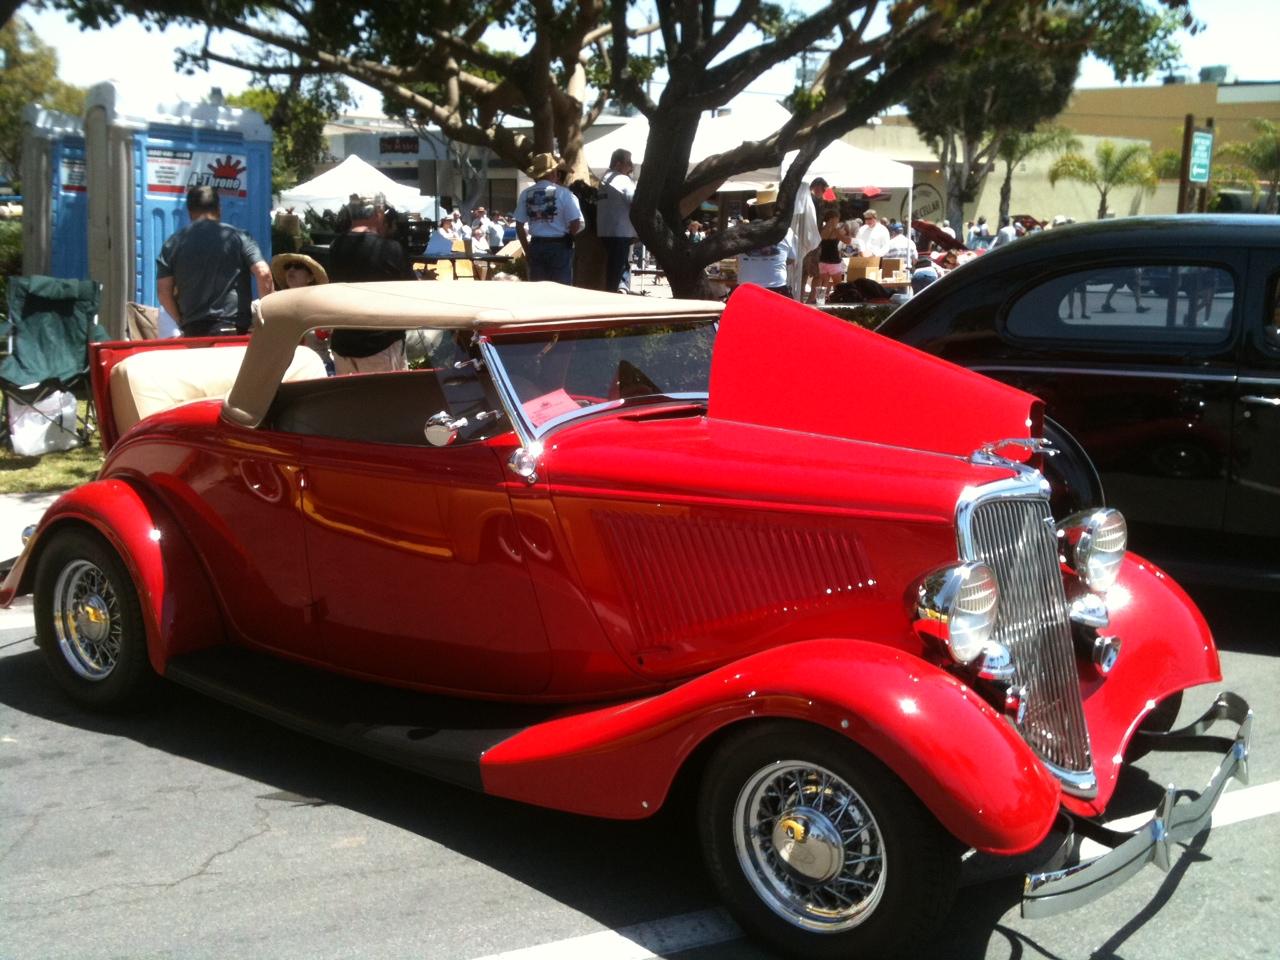 Seal Beach Car Show Is April Pat Hale Discovering Seal Beach - Seal beach car show